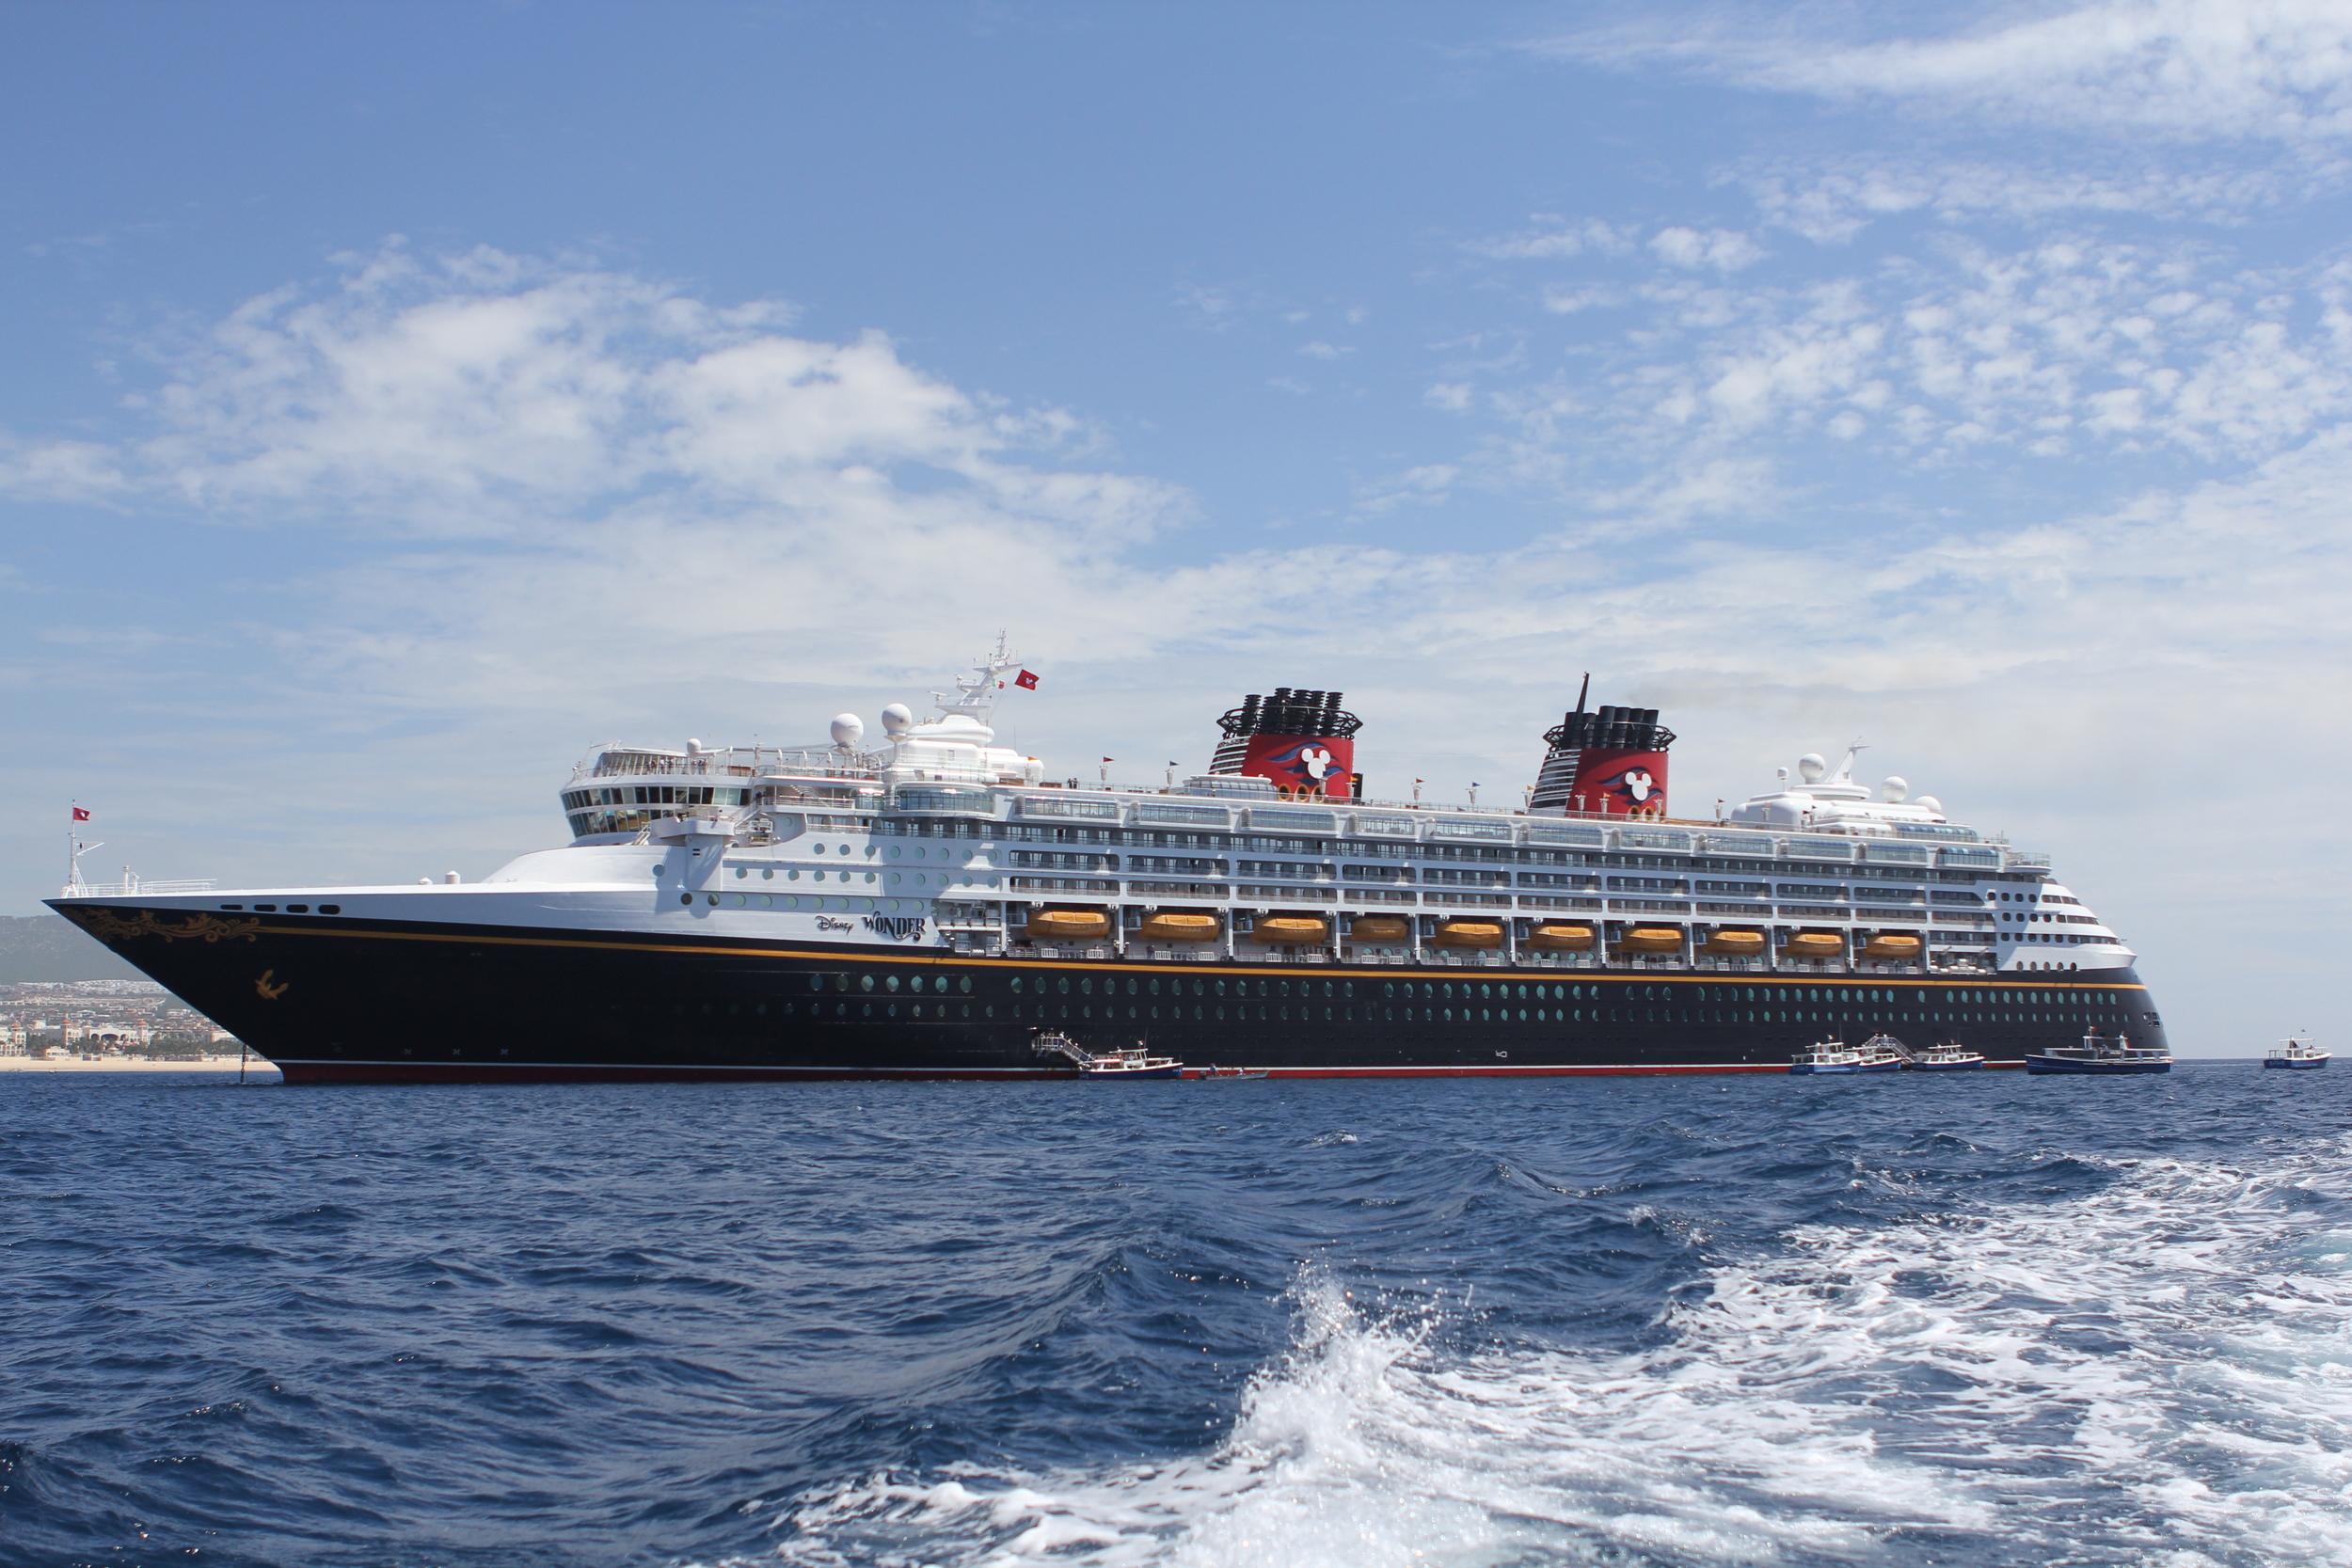 La Disney Wonder